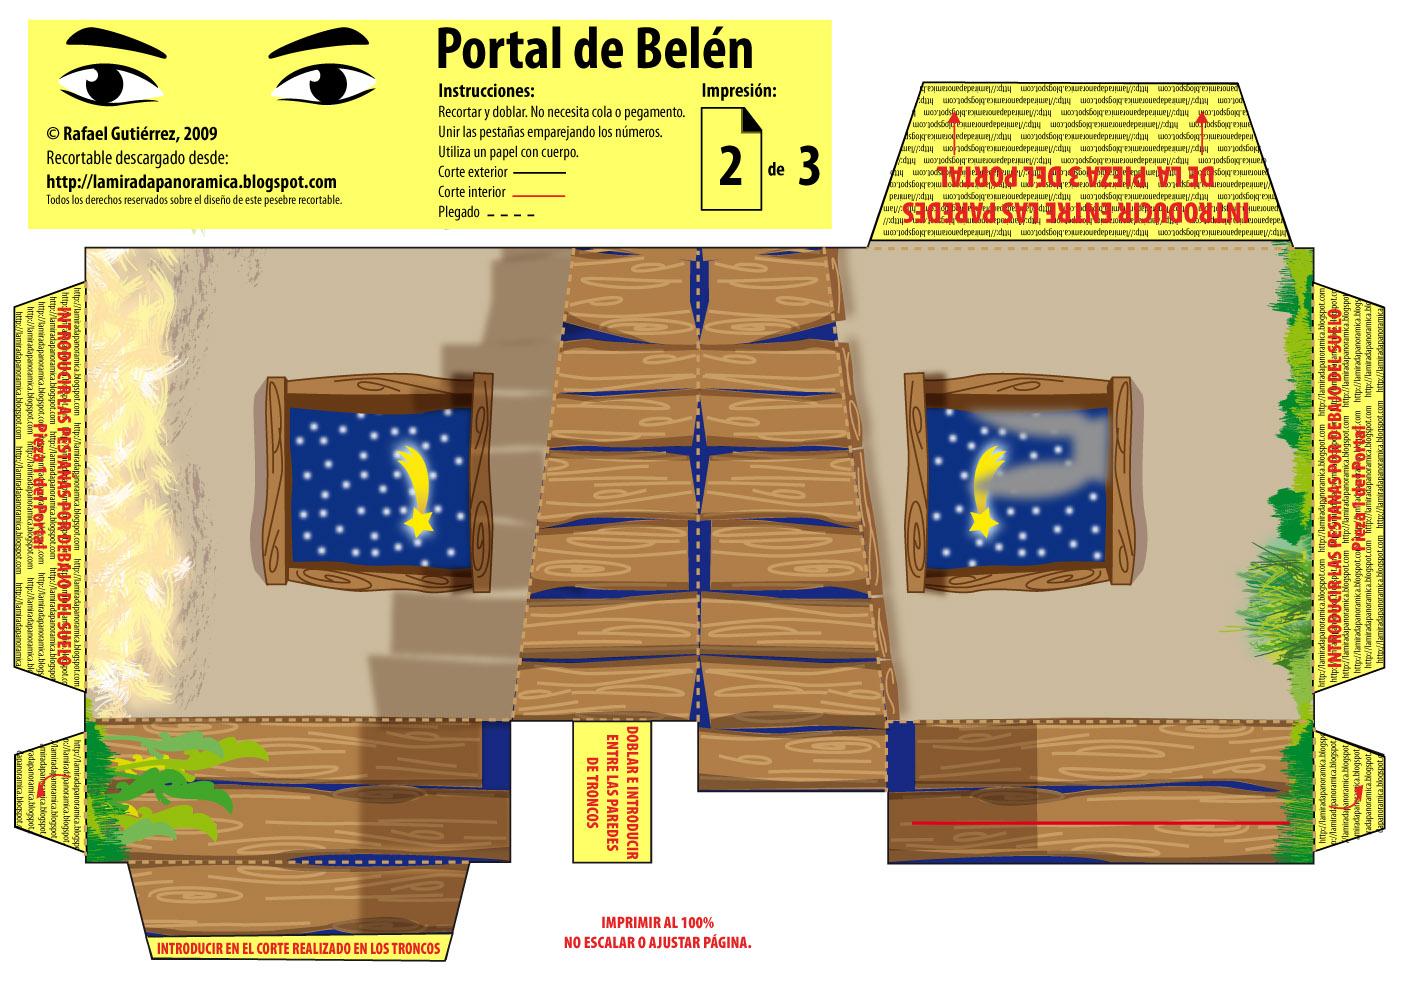 Manualidad monta tu propio bel n de papel con este genial - Portal de belen pinypon ...